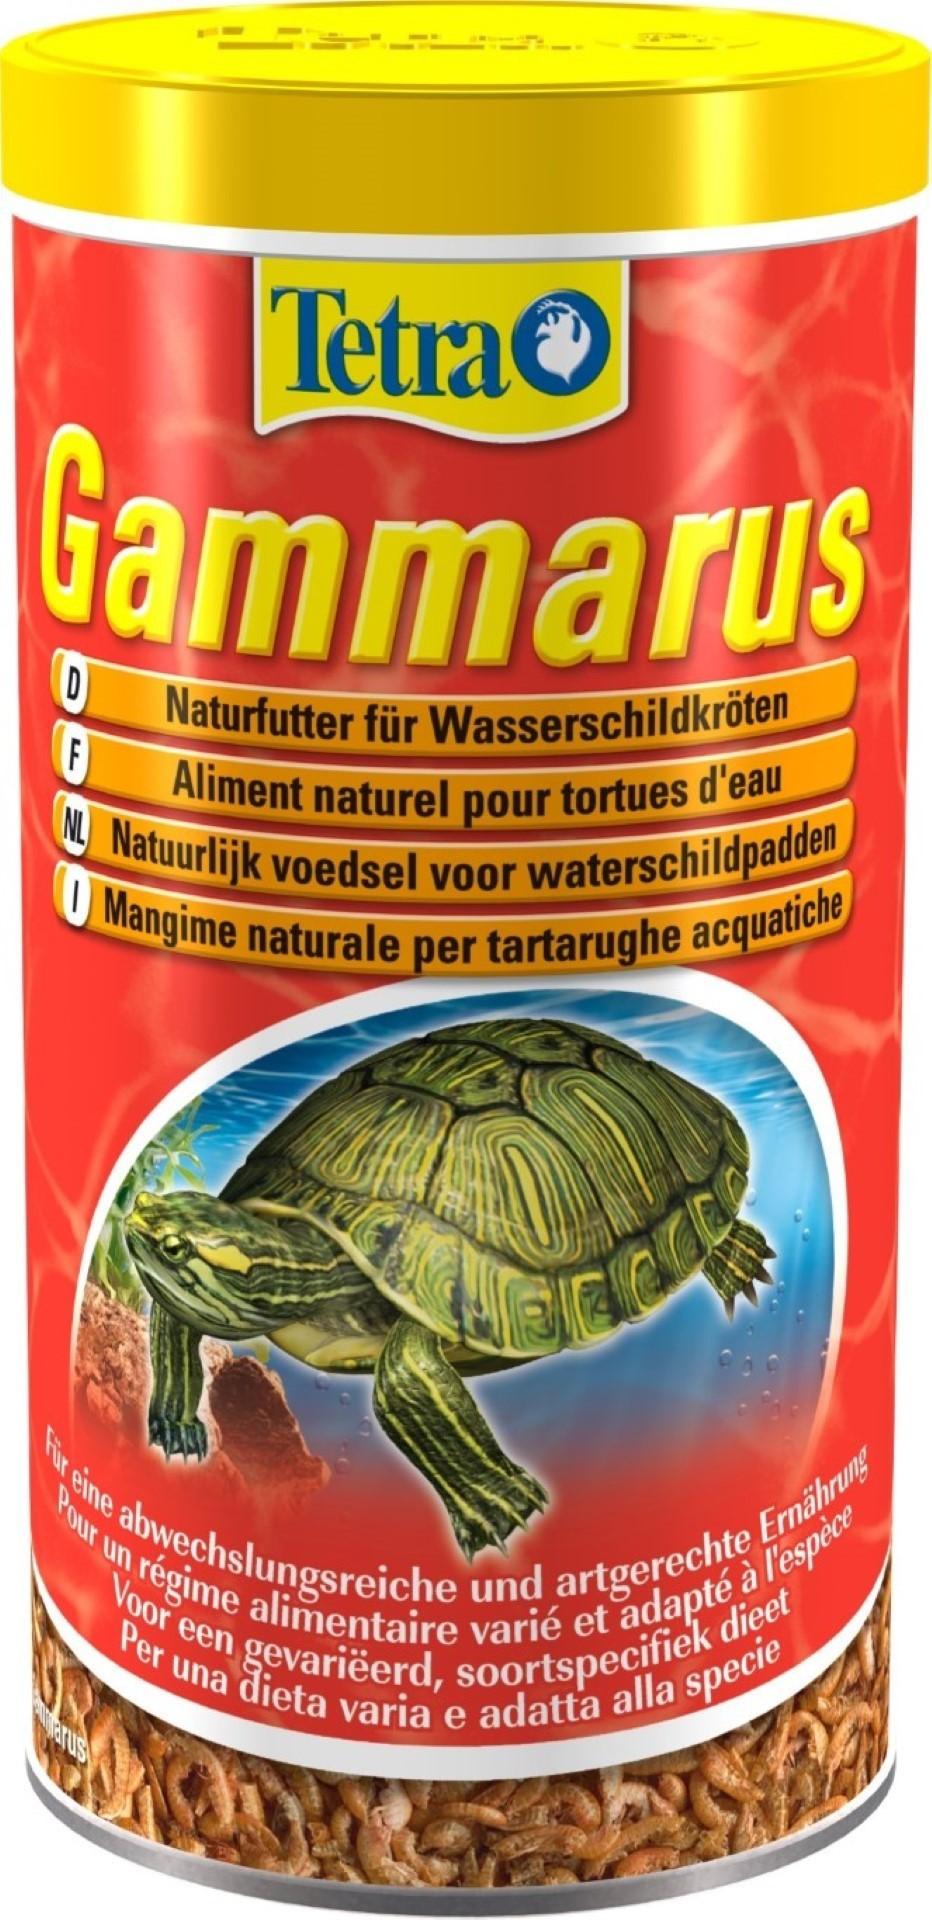 Tetra Gammarus 1 liter